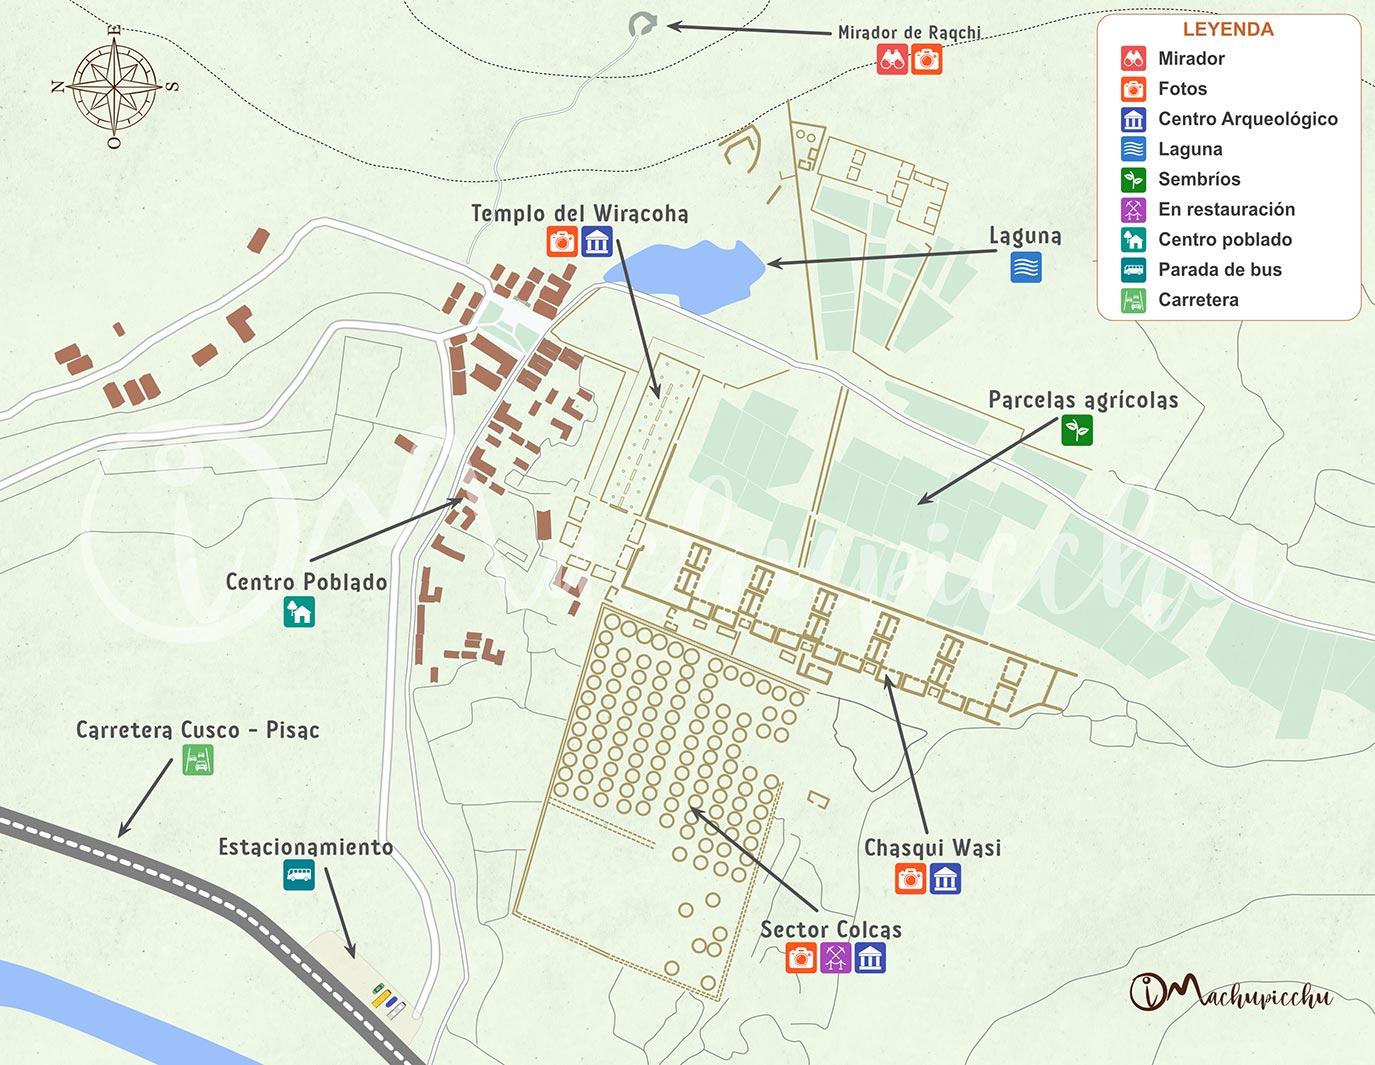 Mapa Raqchi